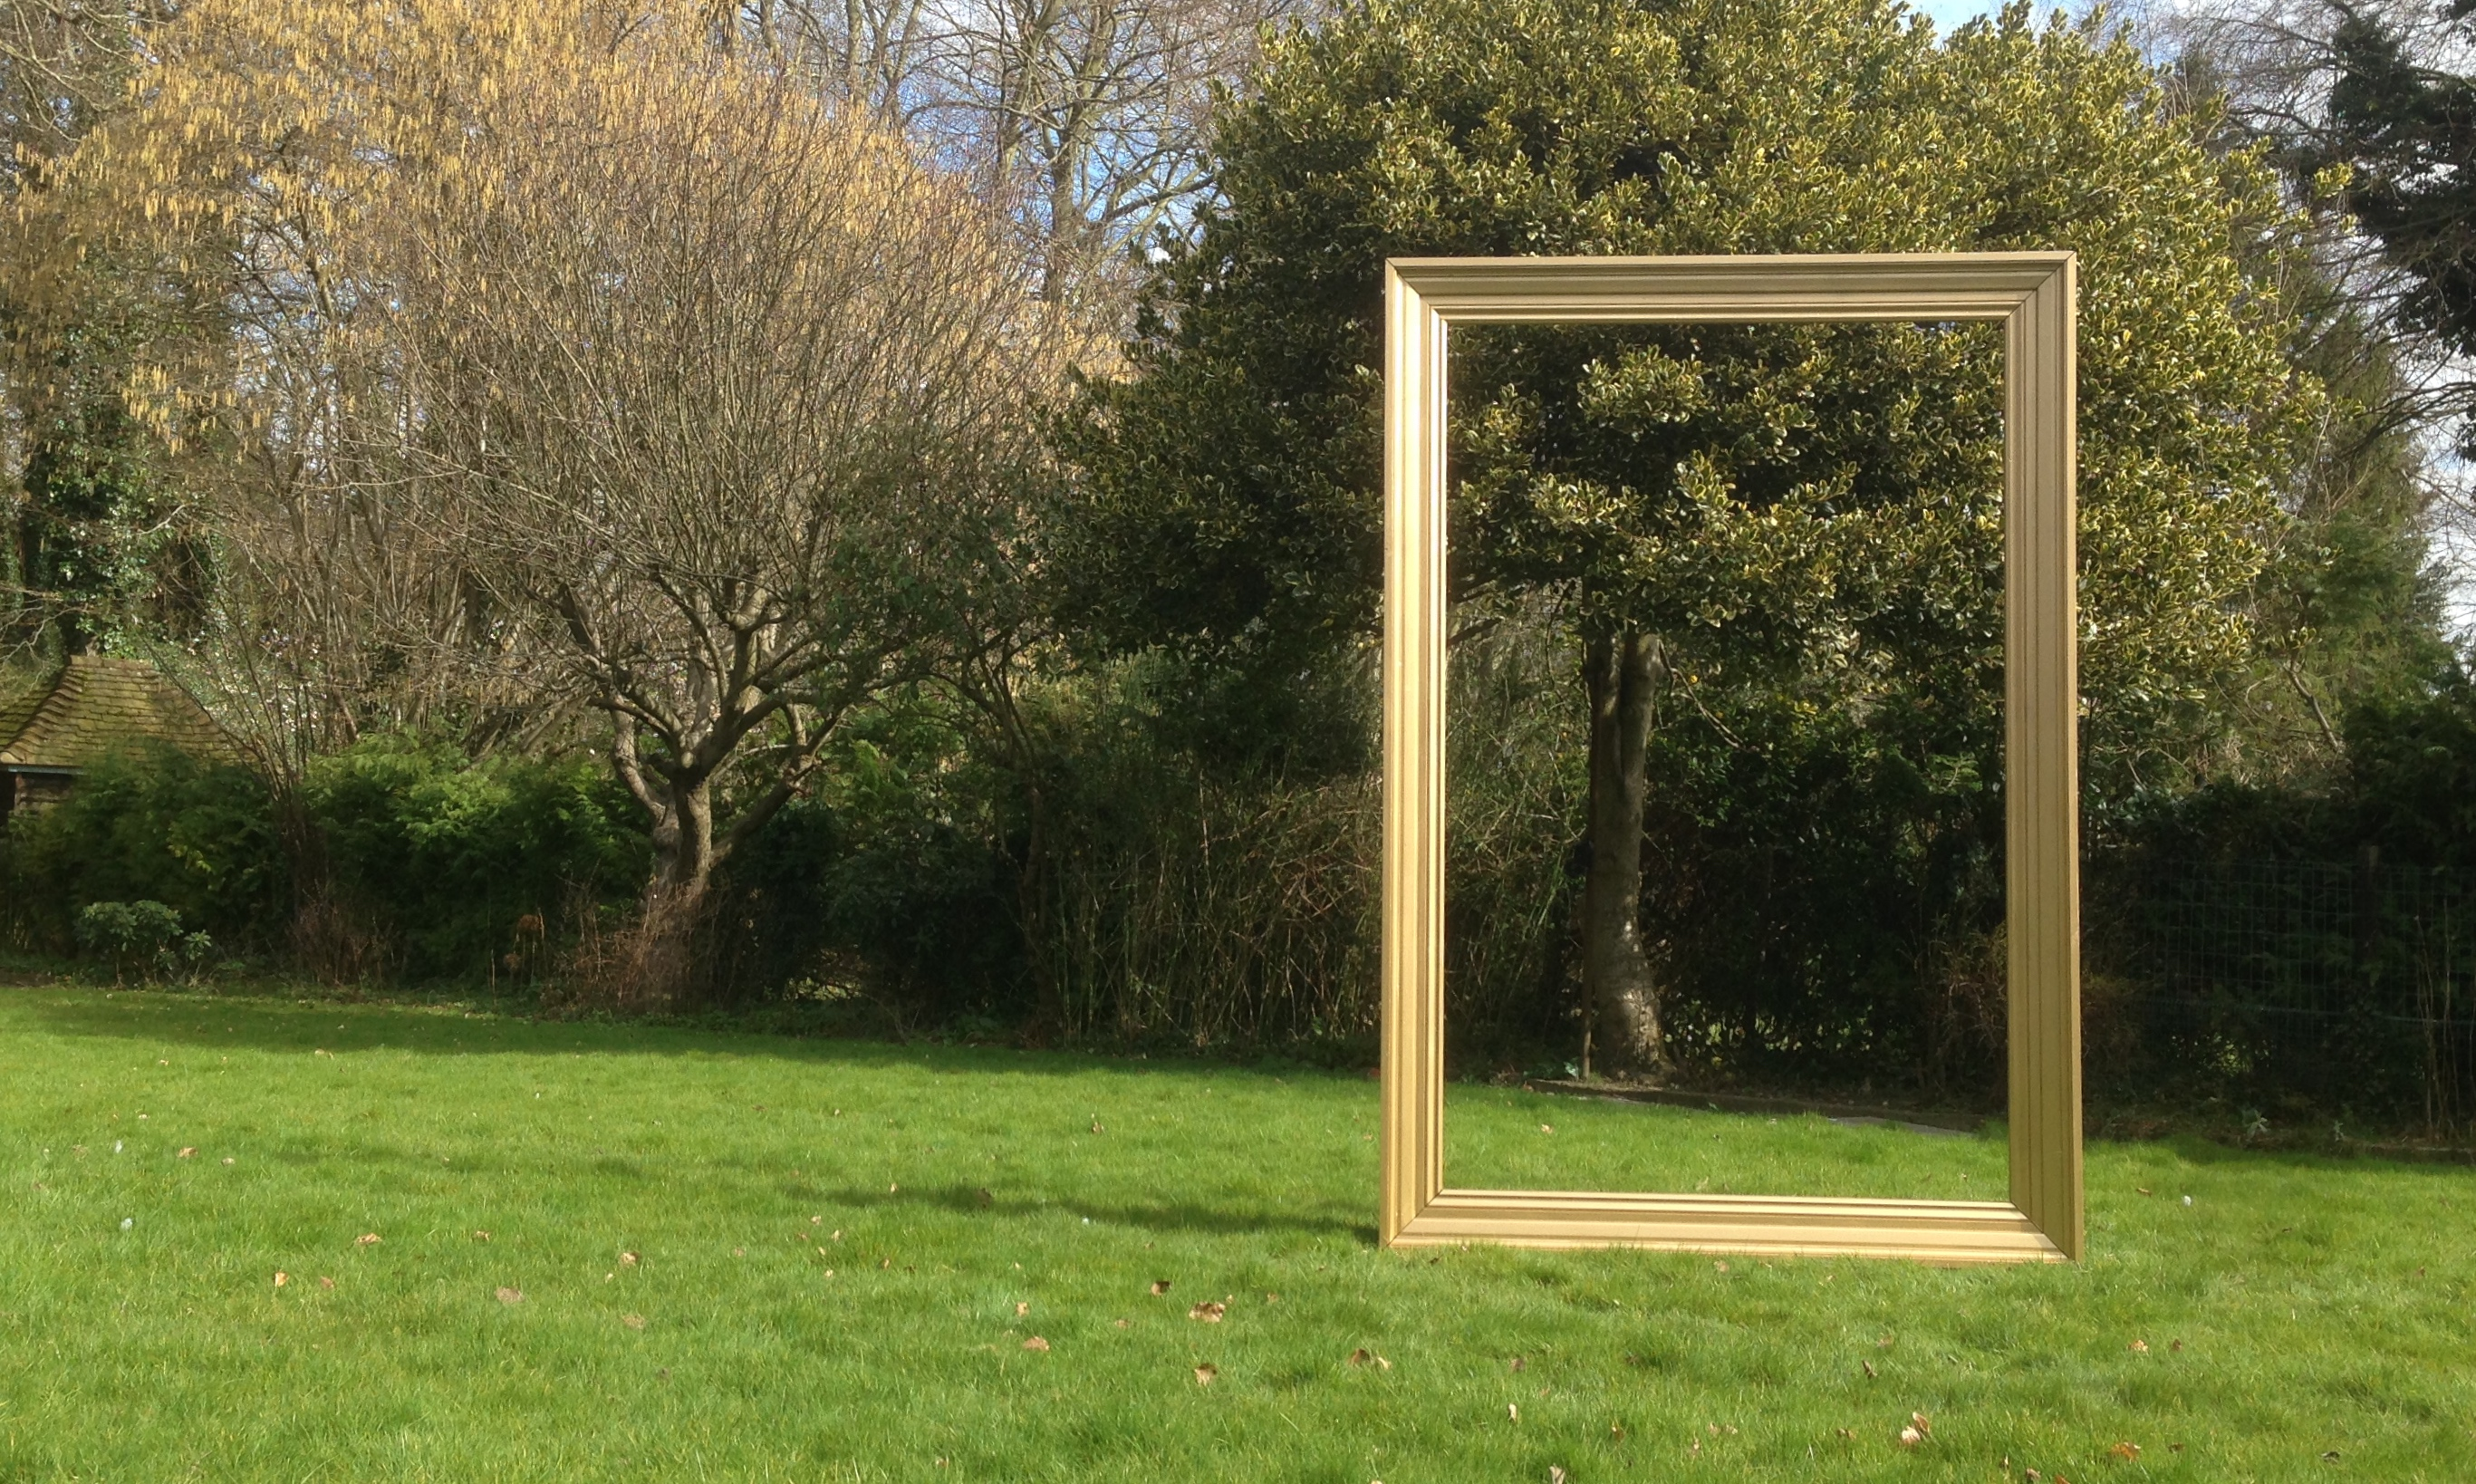 Giant Gold Frame Dream Scenes